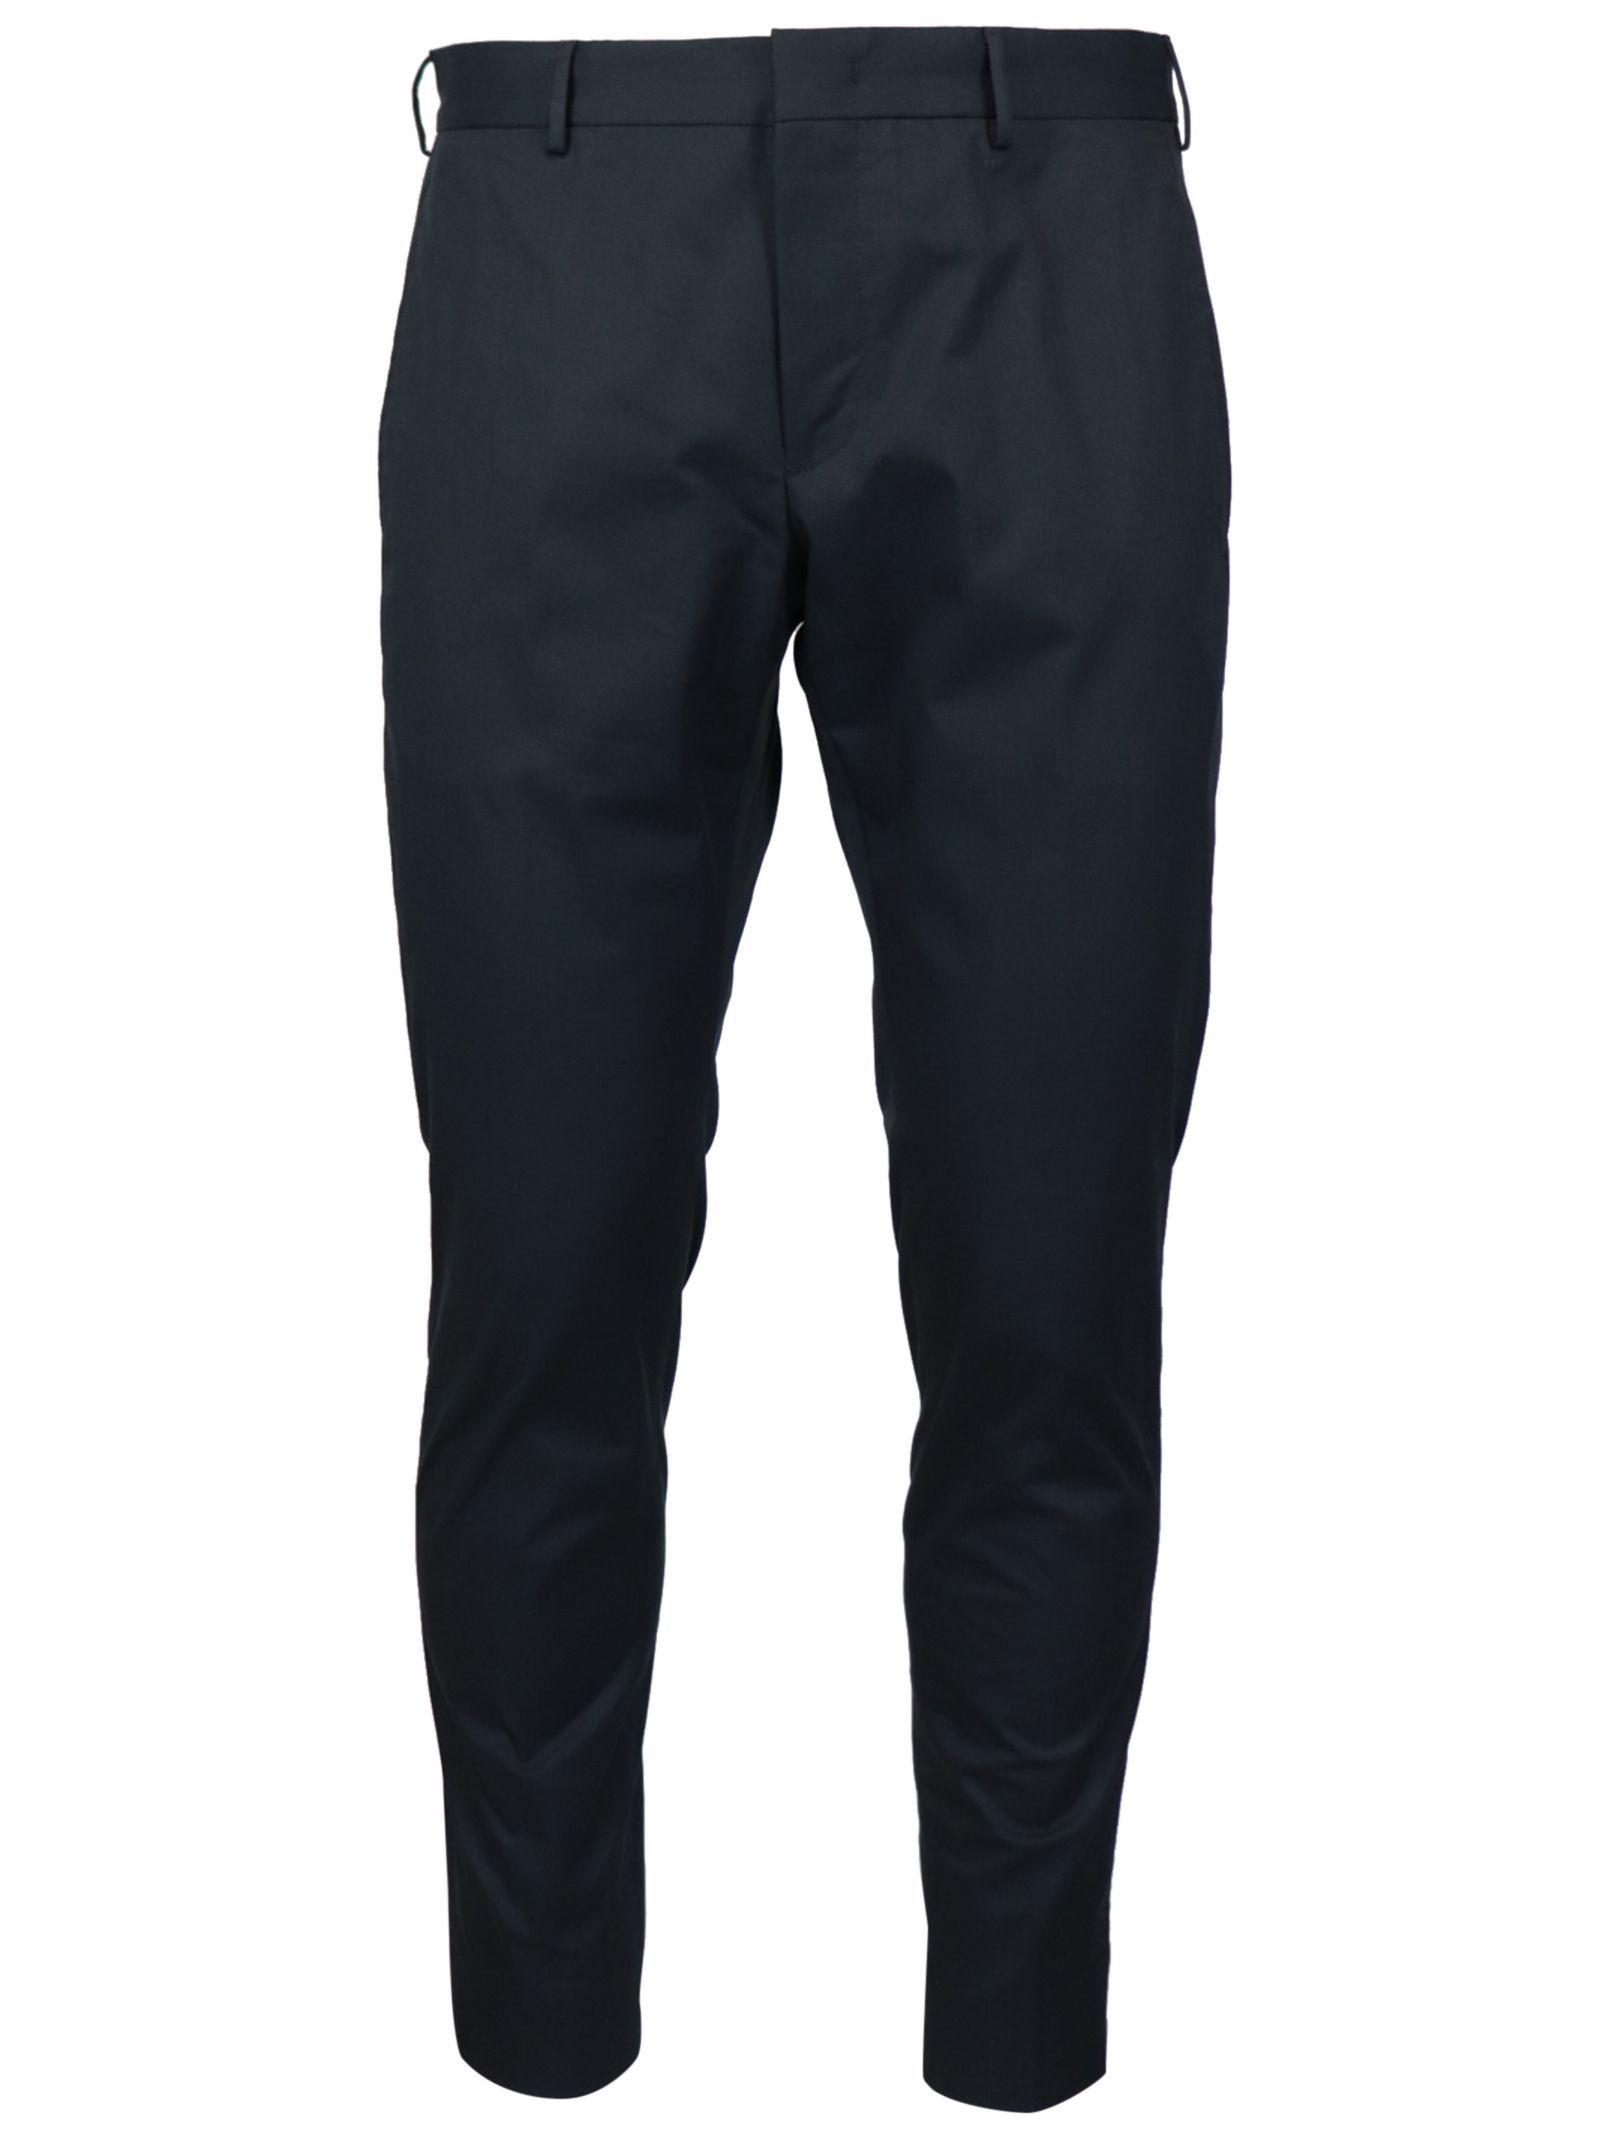 PT01 MEN'S COASEPZE0KLTMP45360 BLUE COTTON PANTS